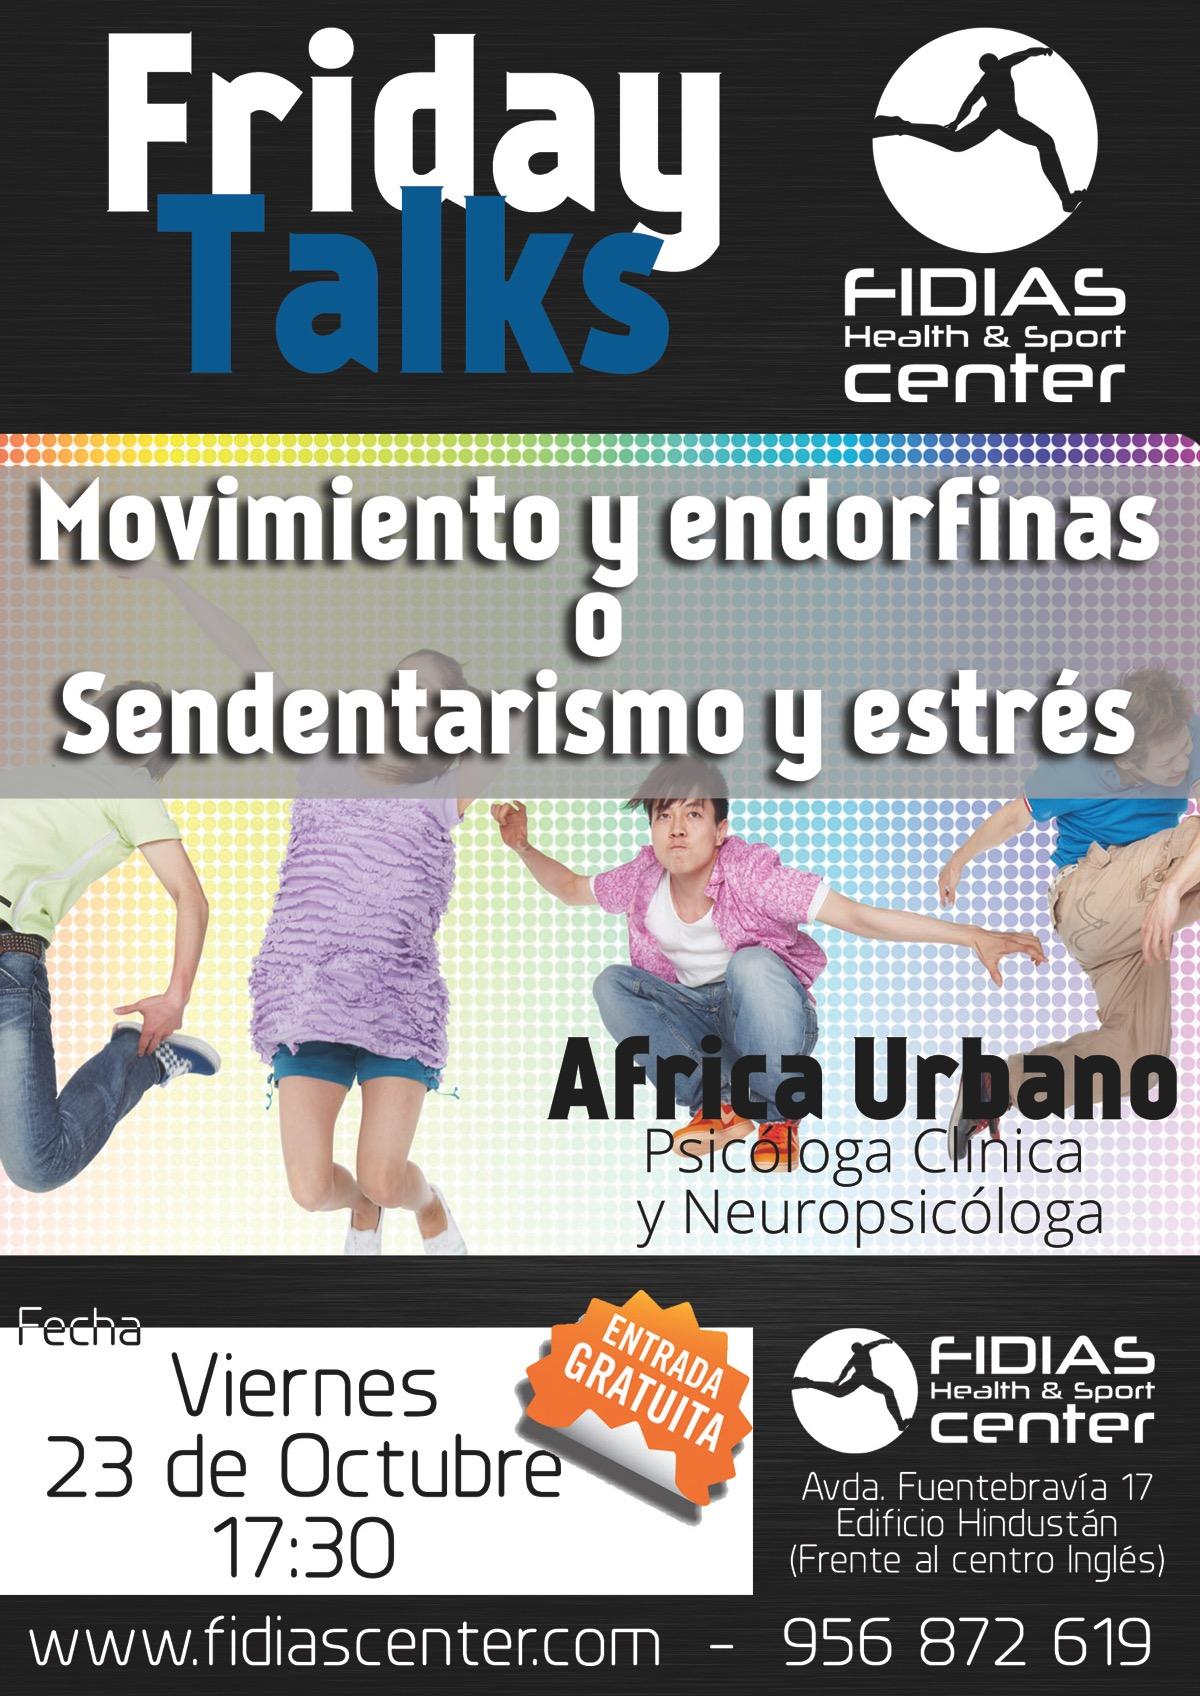 fridaytalks2015-10-23